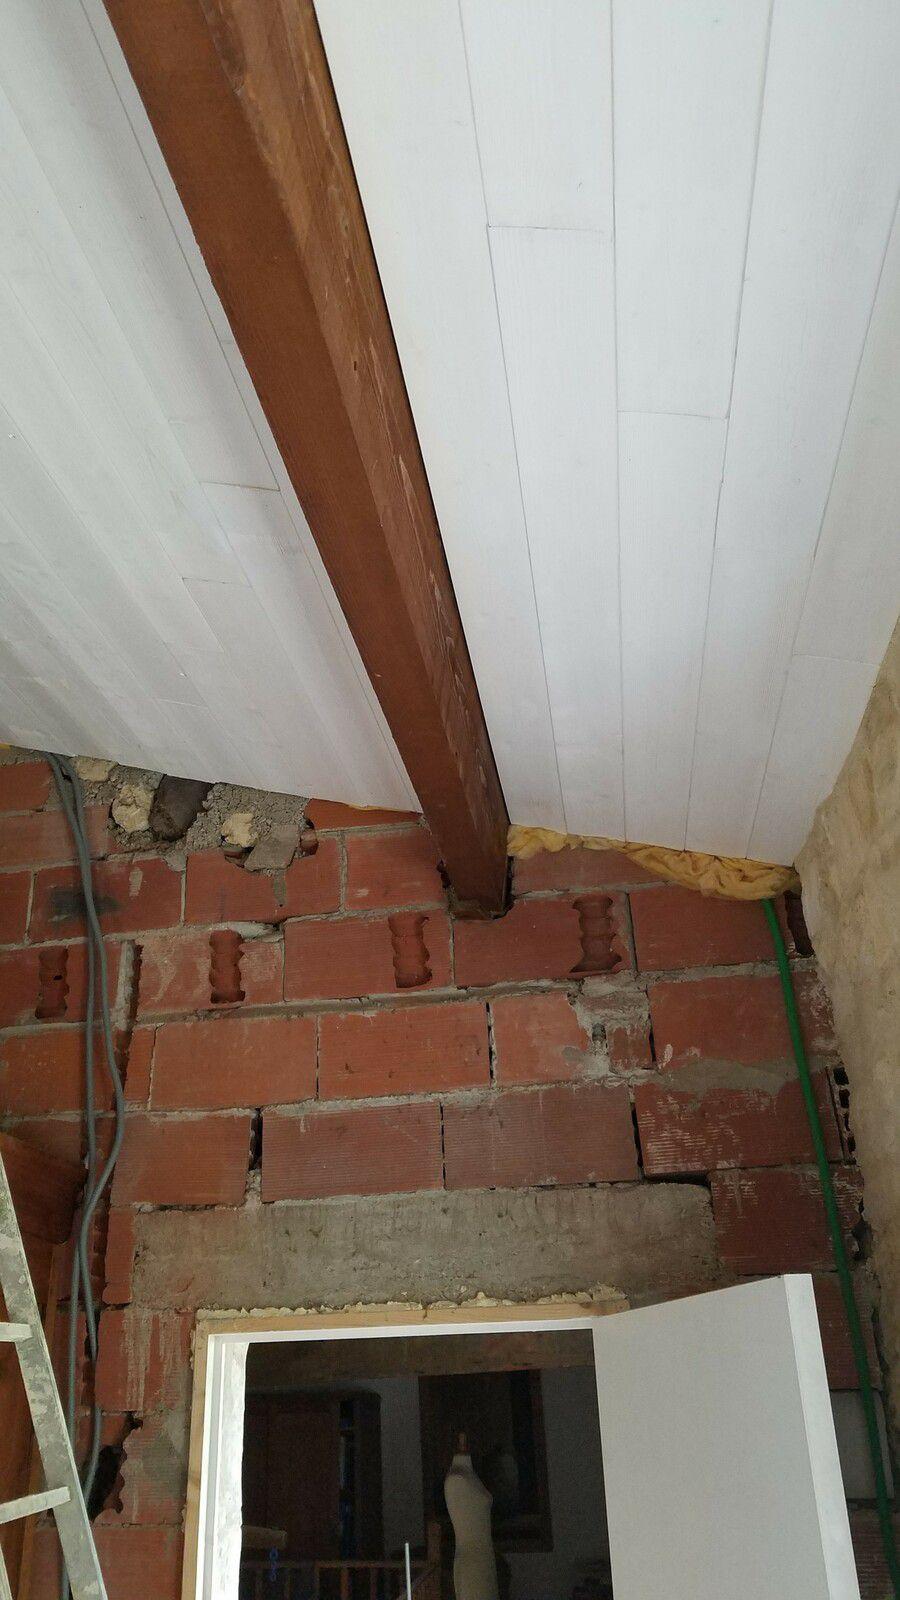 passage des gaines électriques pour prises et lumière, plus de gaine grise donc gaine verte de réserve qui sert ... 2ème partie du plafond finie